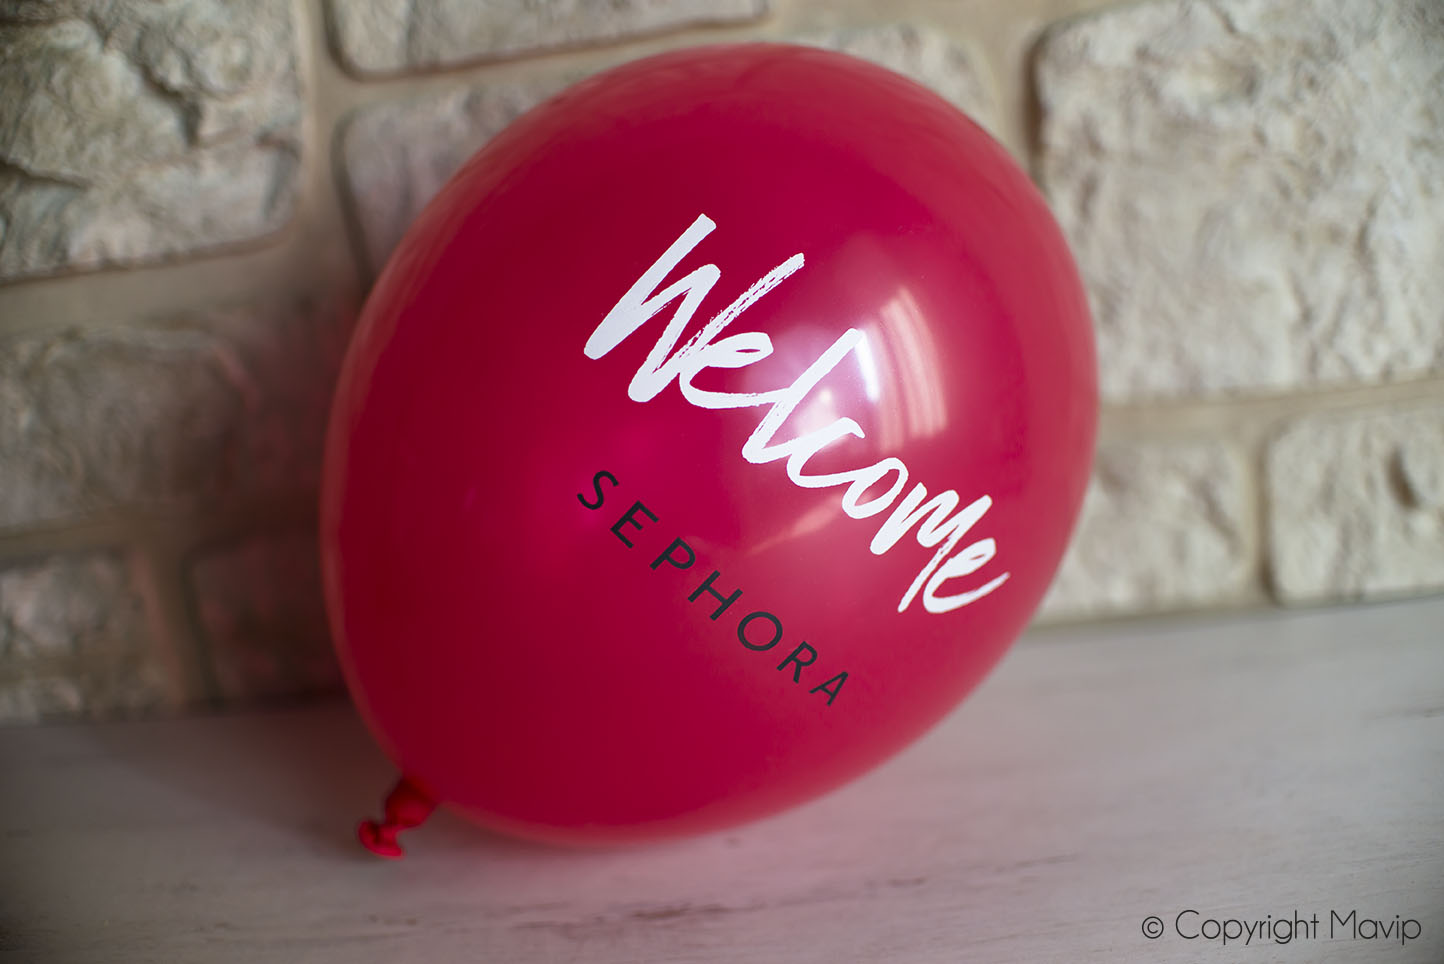 Ballons gonflables personnalisables avec logo réalisés par Mavip les objets pub goodies